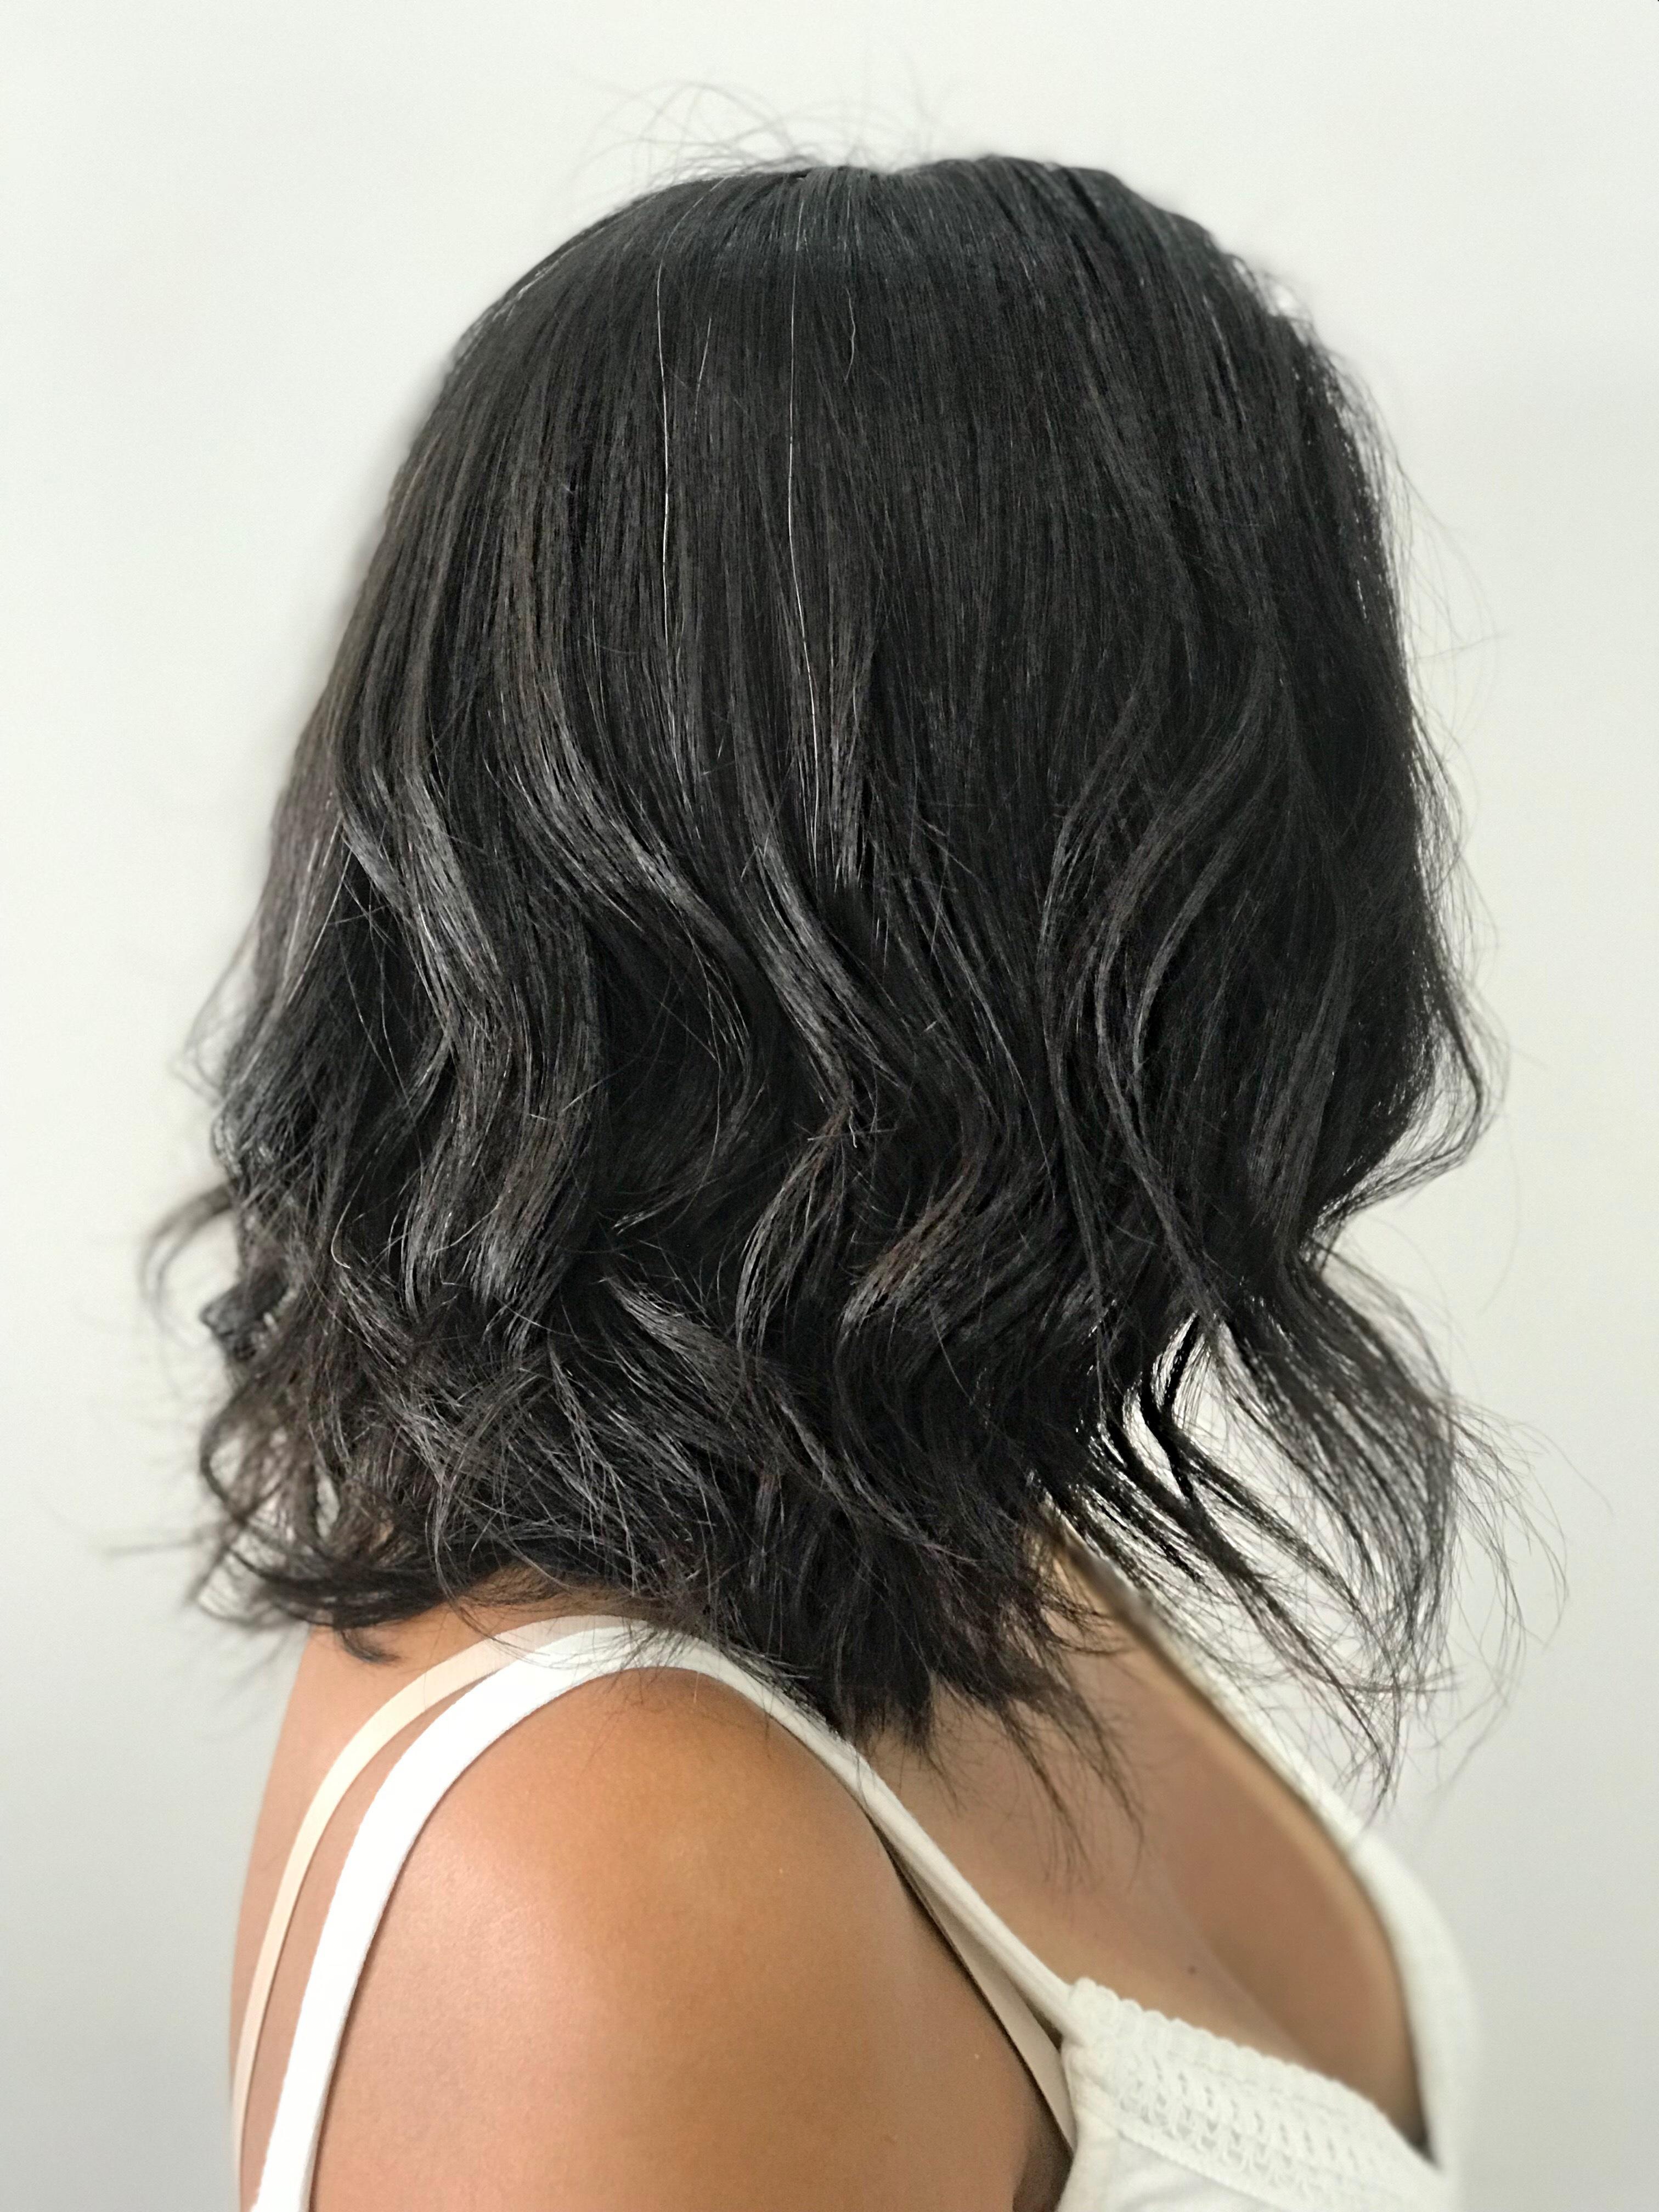 Corte long bob e escova modelada  cabelo cabeleireiro(a) maquiador(a)